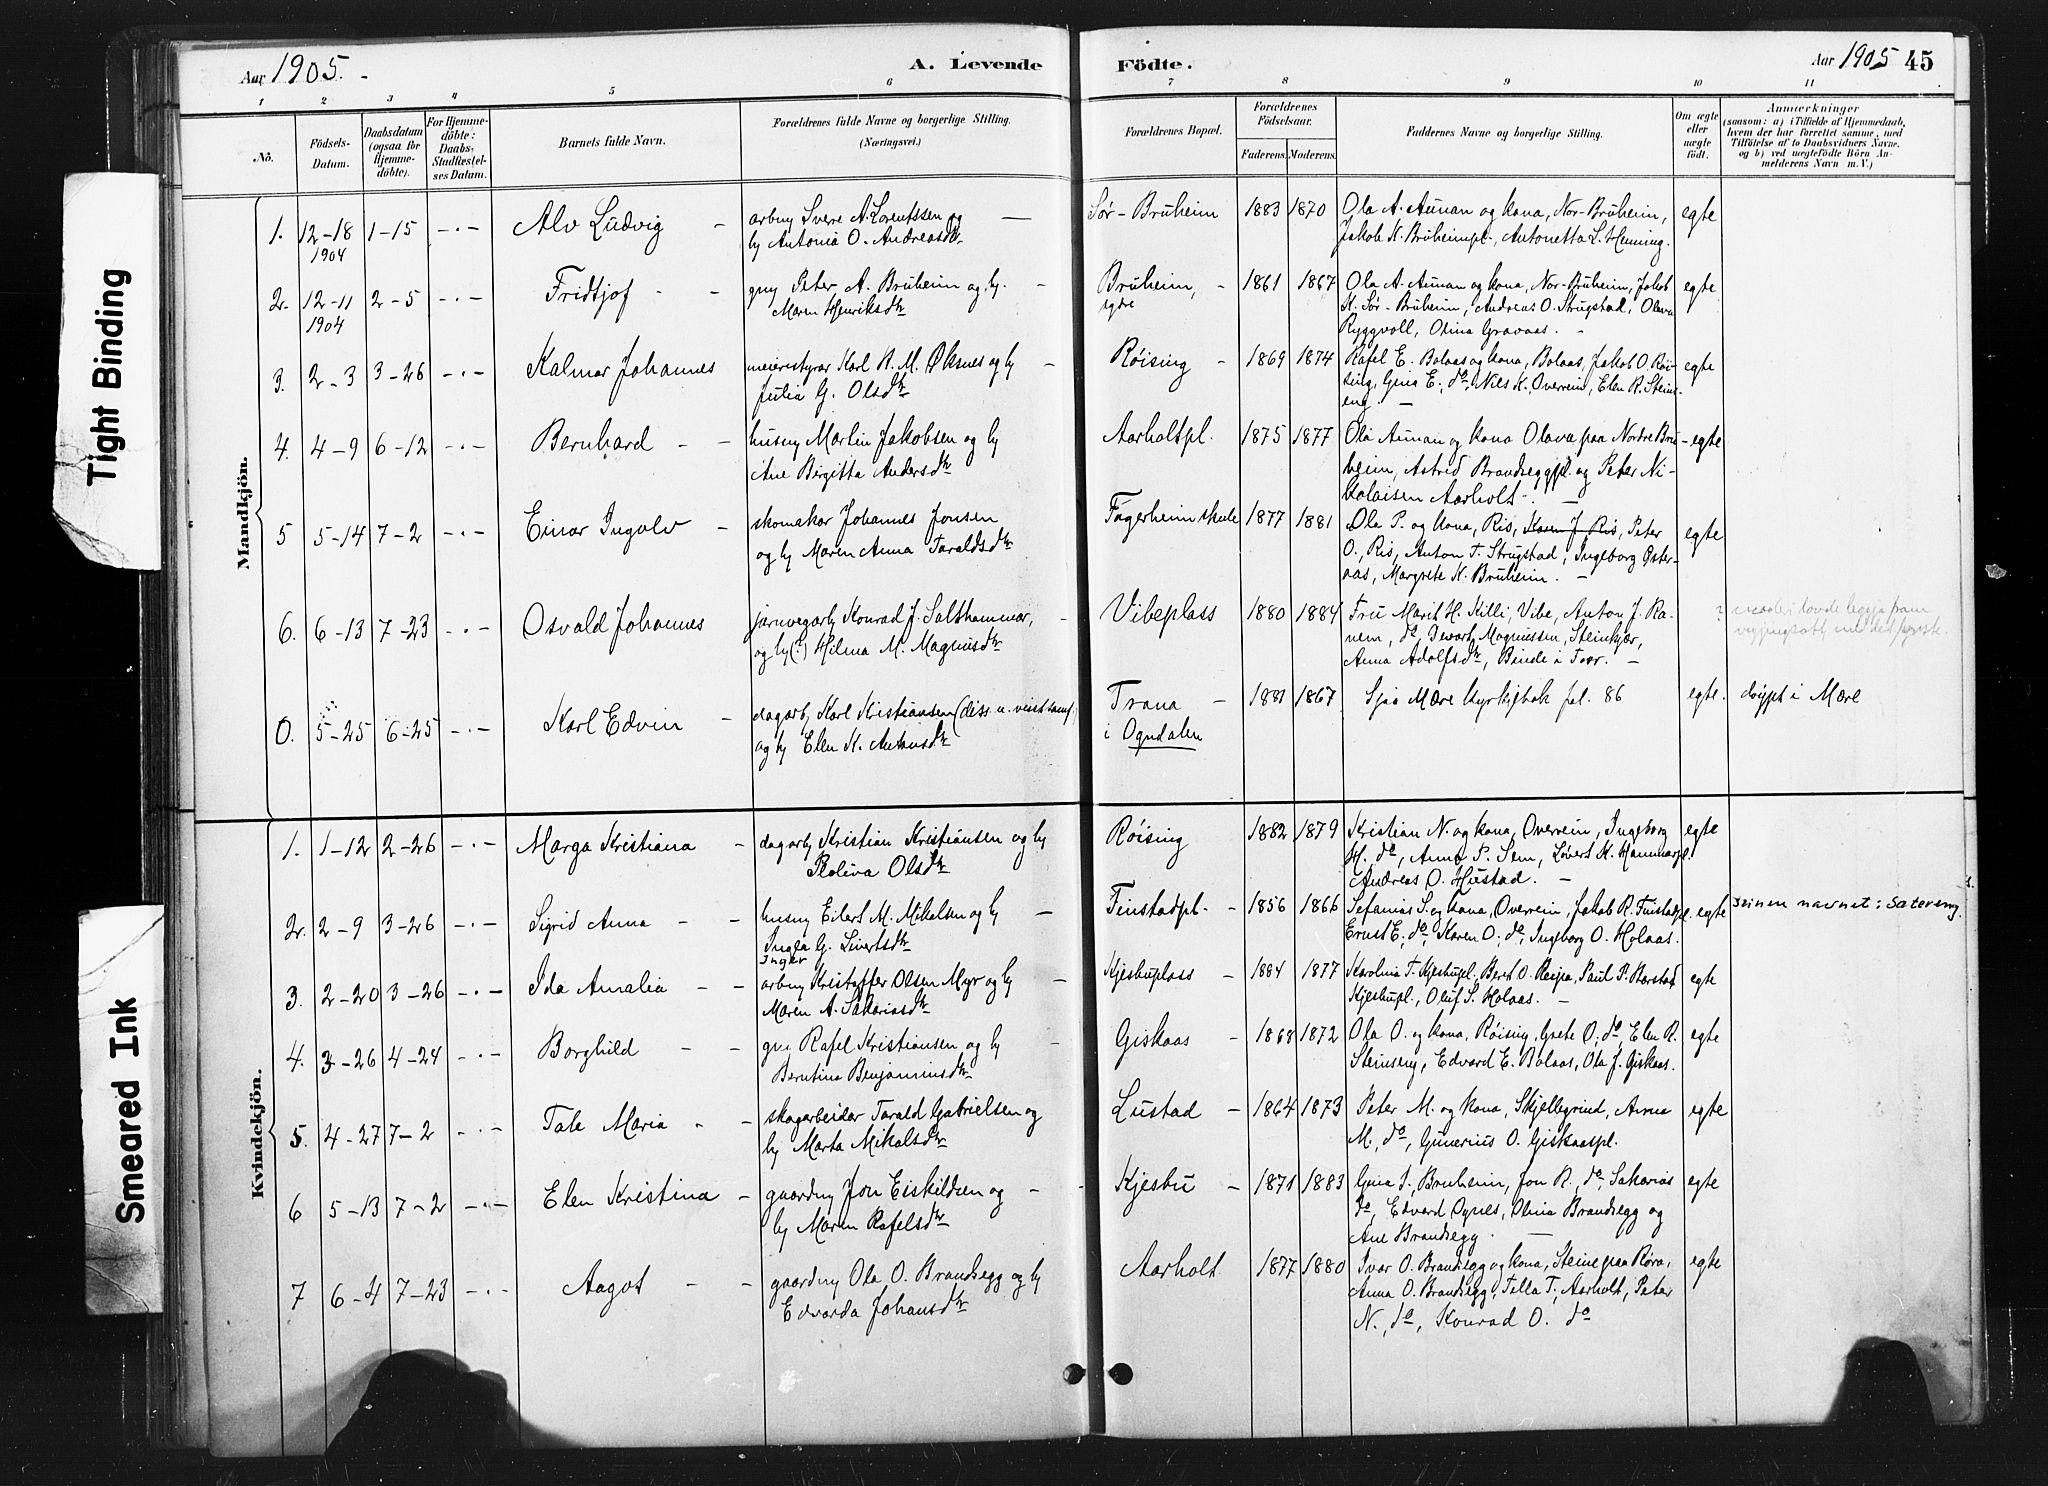 SAT, Ministerialprotokoller, klokkerbøker og fødselsregistre - Nord-Trøndelag, 736/L0361: Ministerialbok nr. 736A01, 1884-1906, s. 45